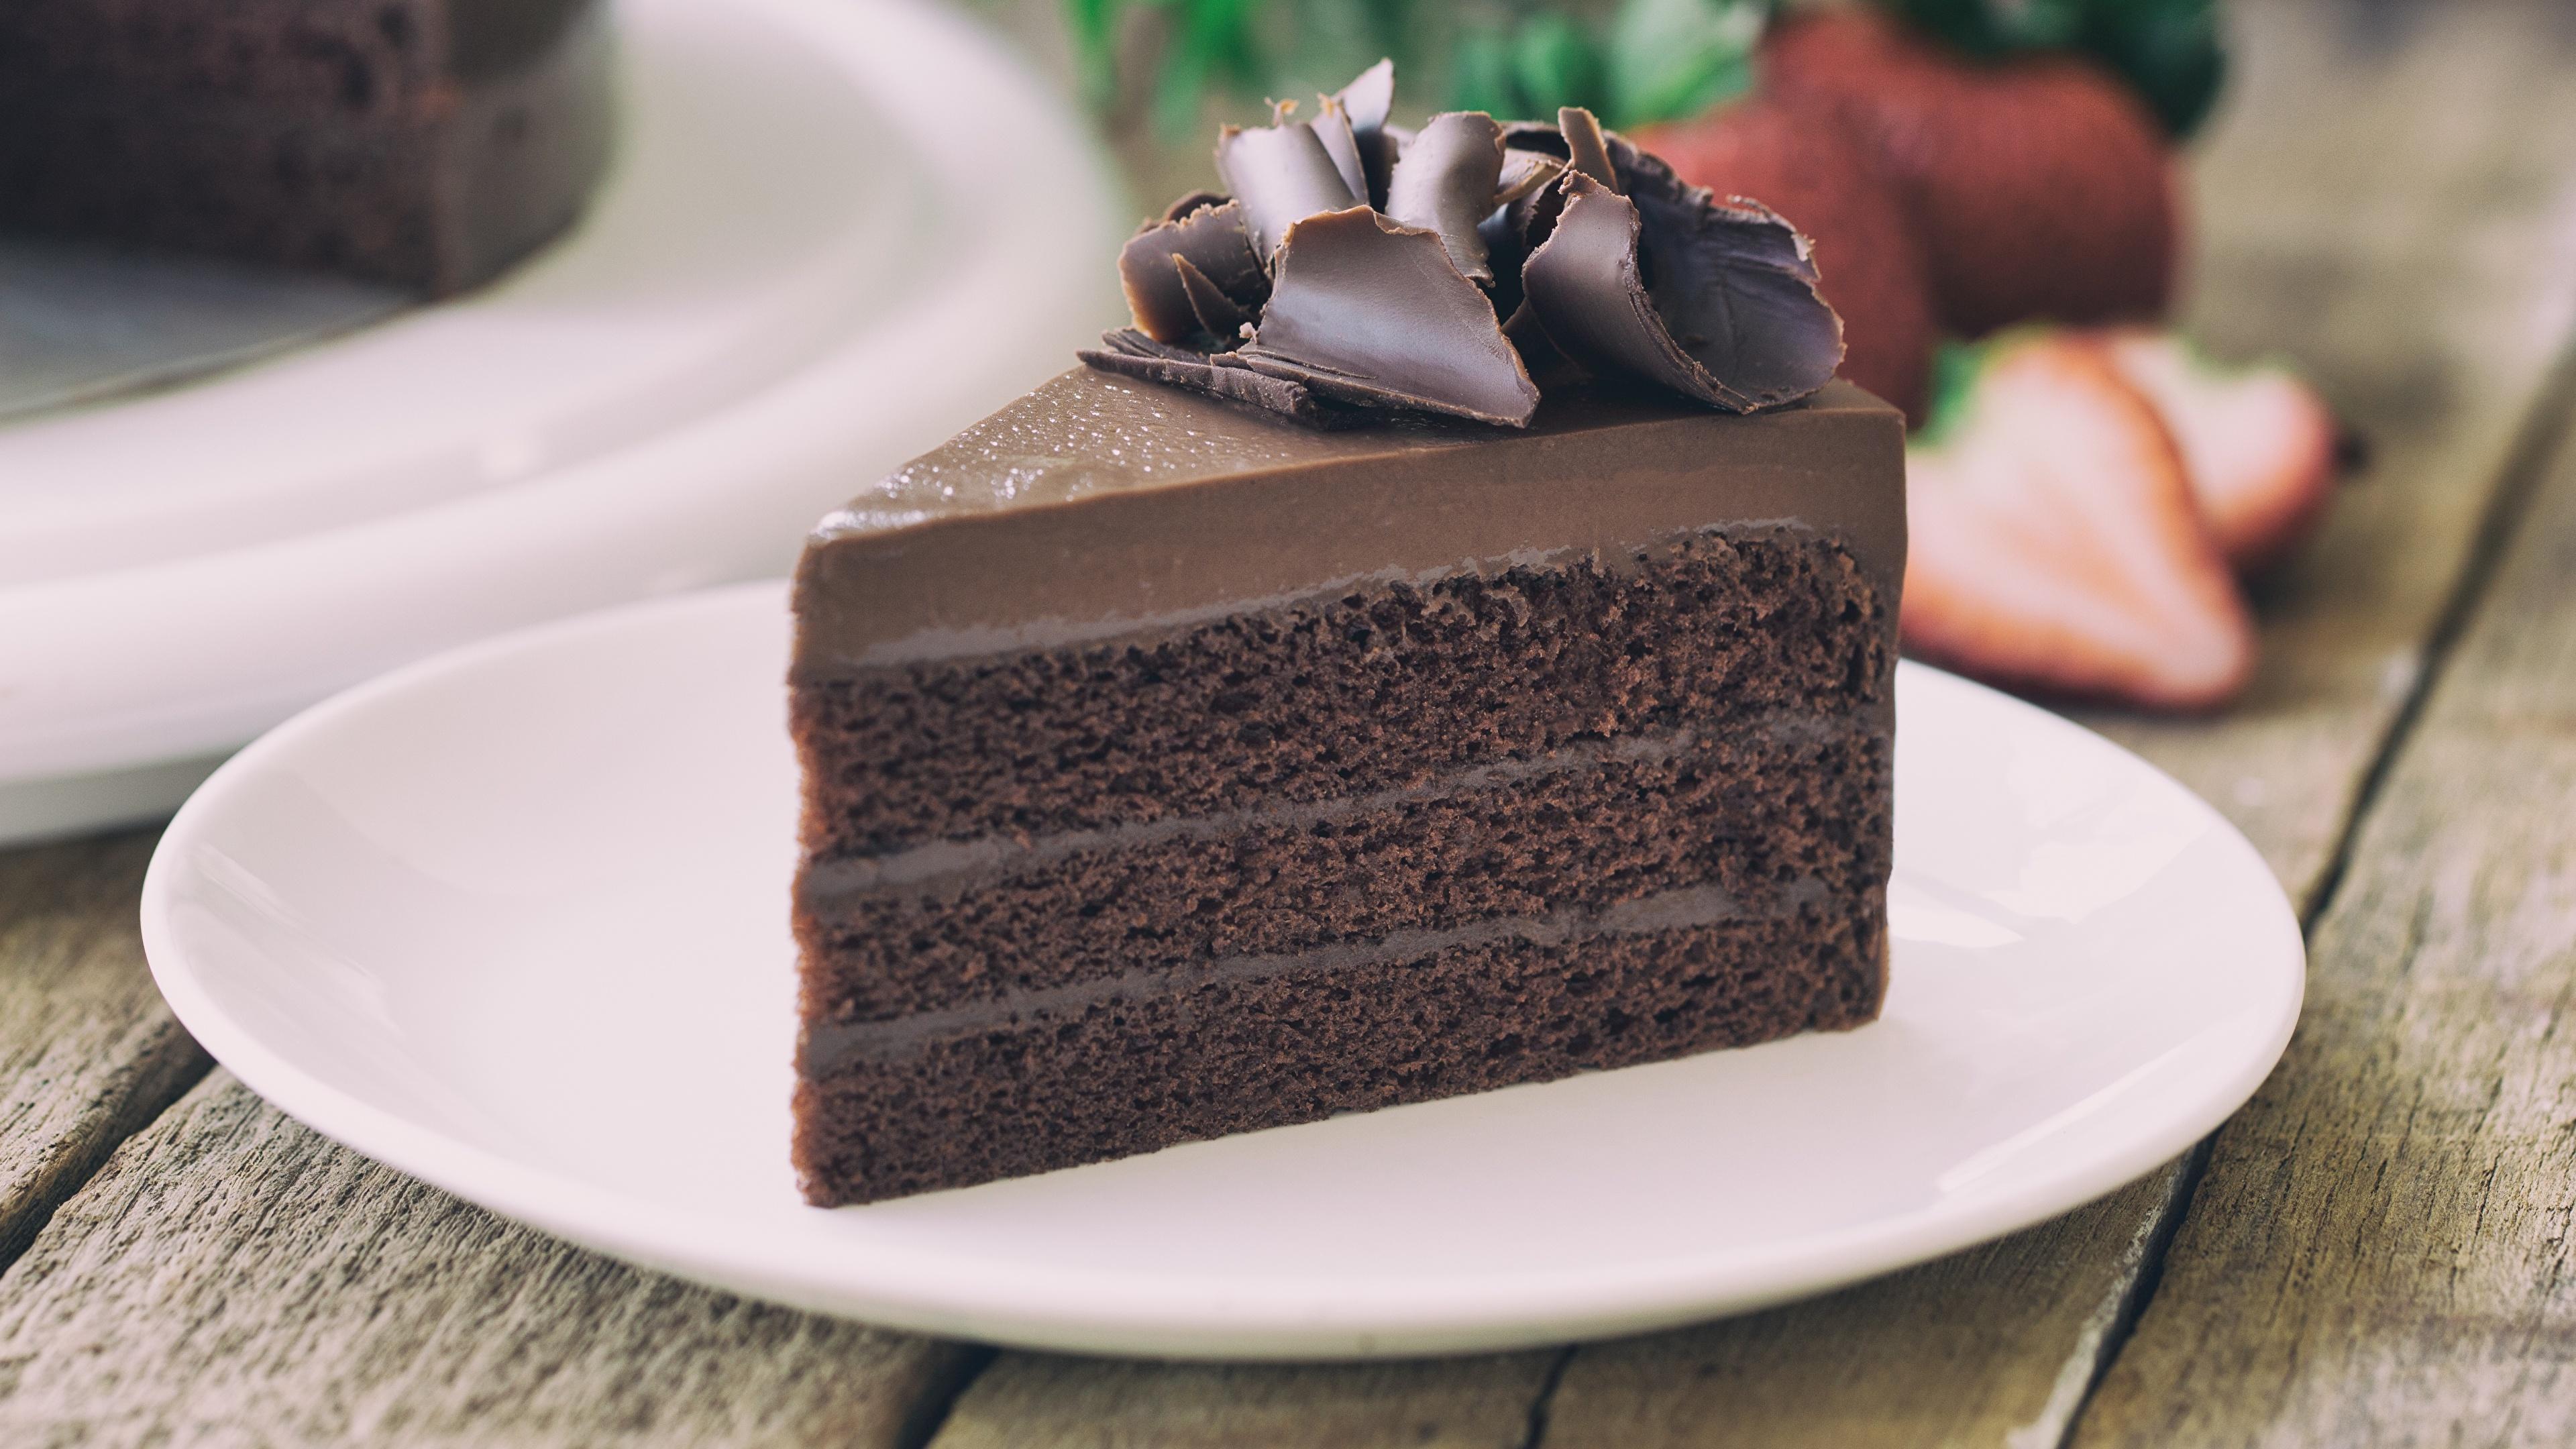 Фотография Шоколад Торты кусочки Еда Тарелка 3840x2160 часть Кусок кусочек Пища тарелке Продукты питания